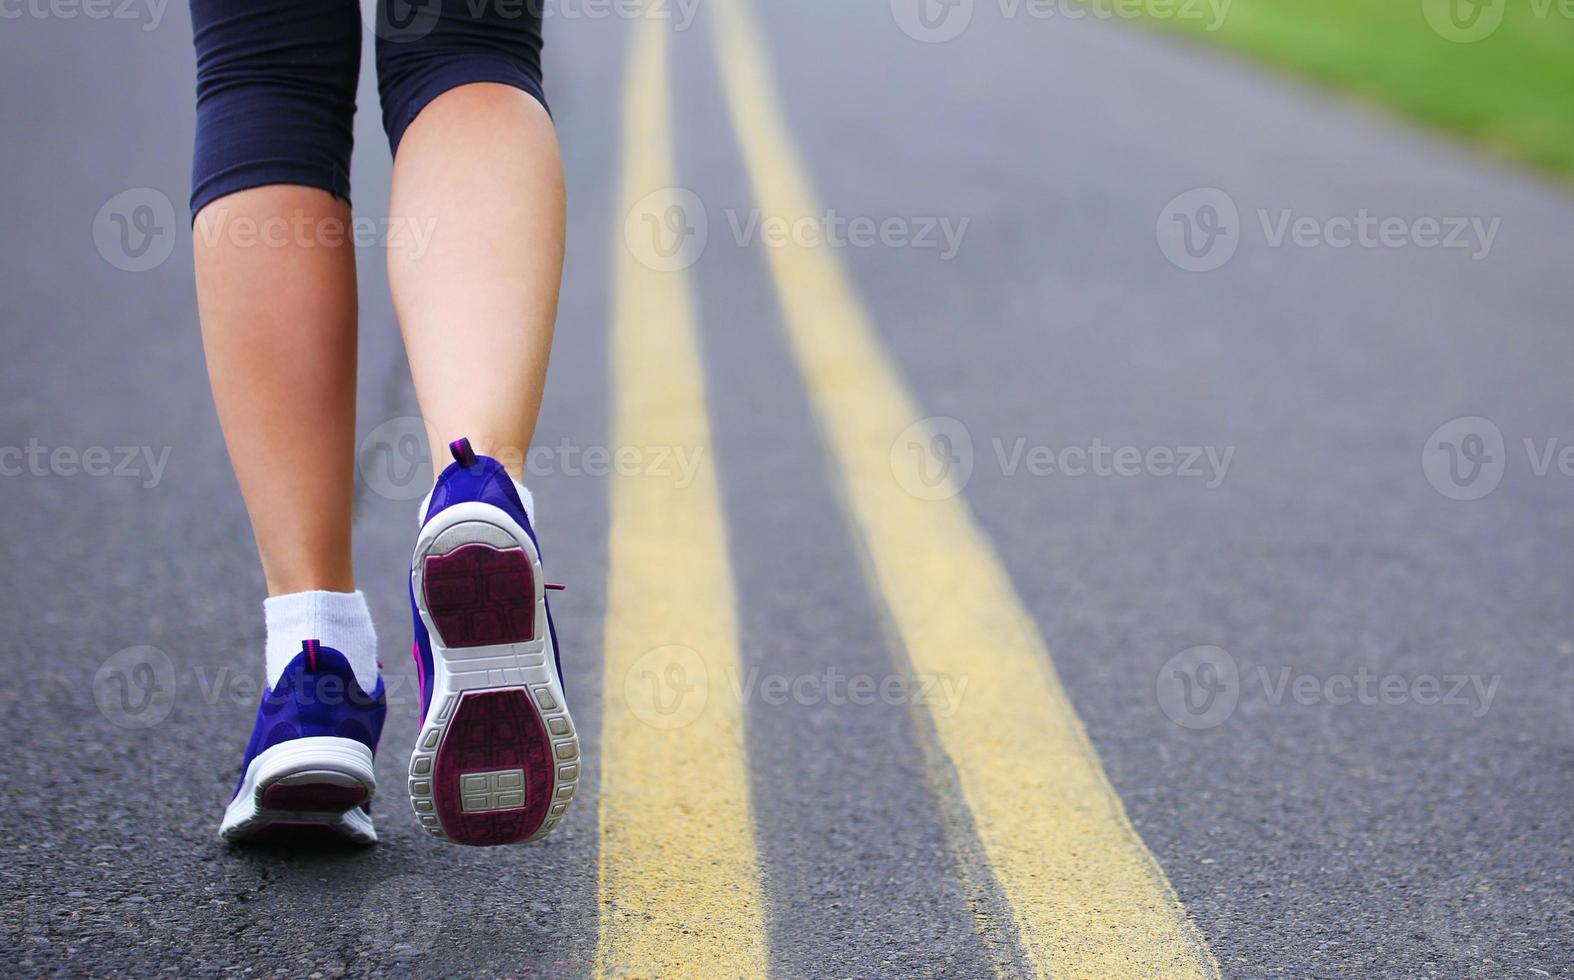 Runner Female Feet Running on Road photo